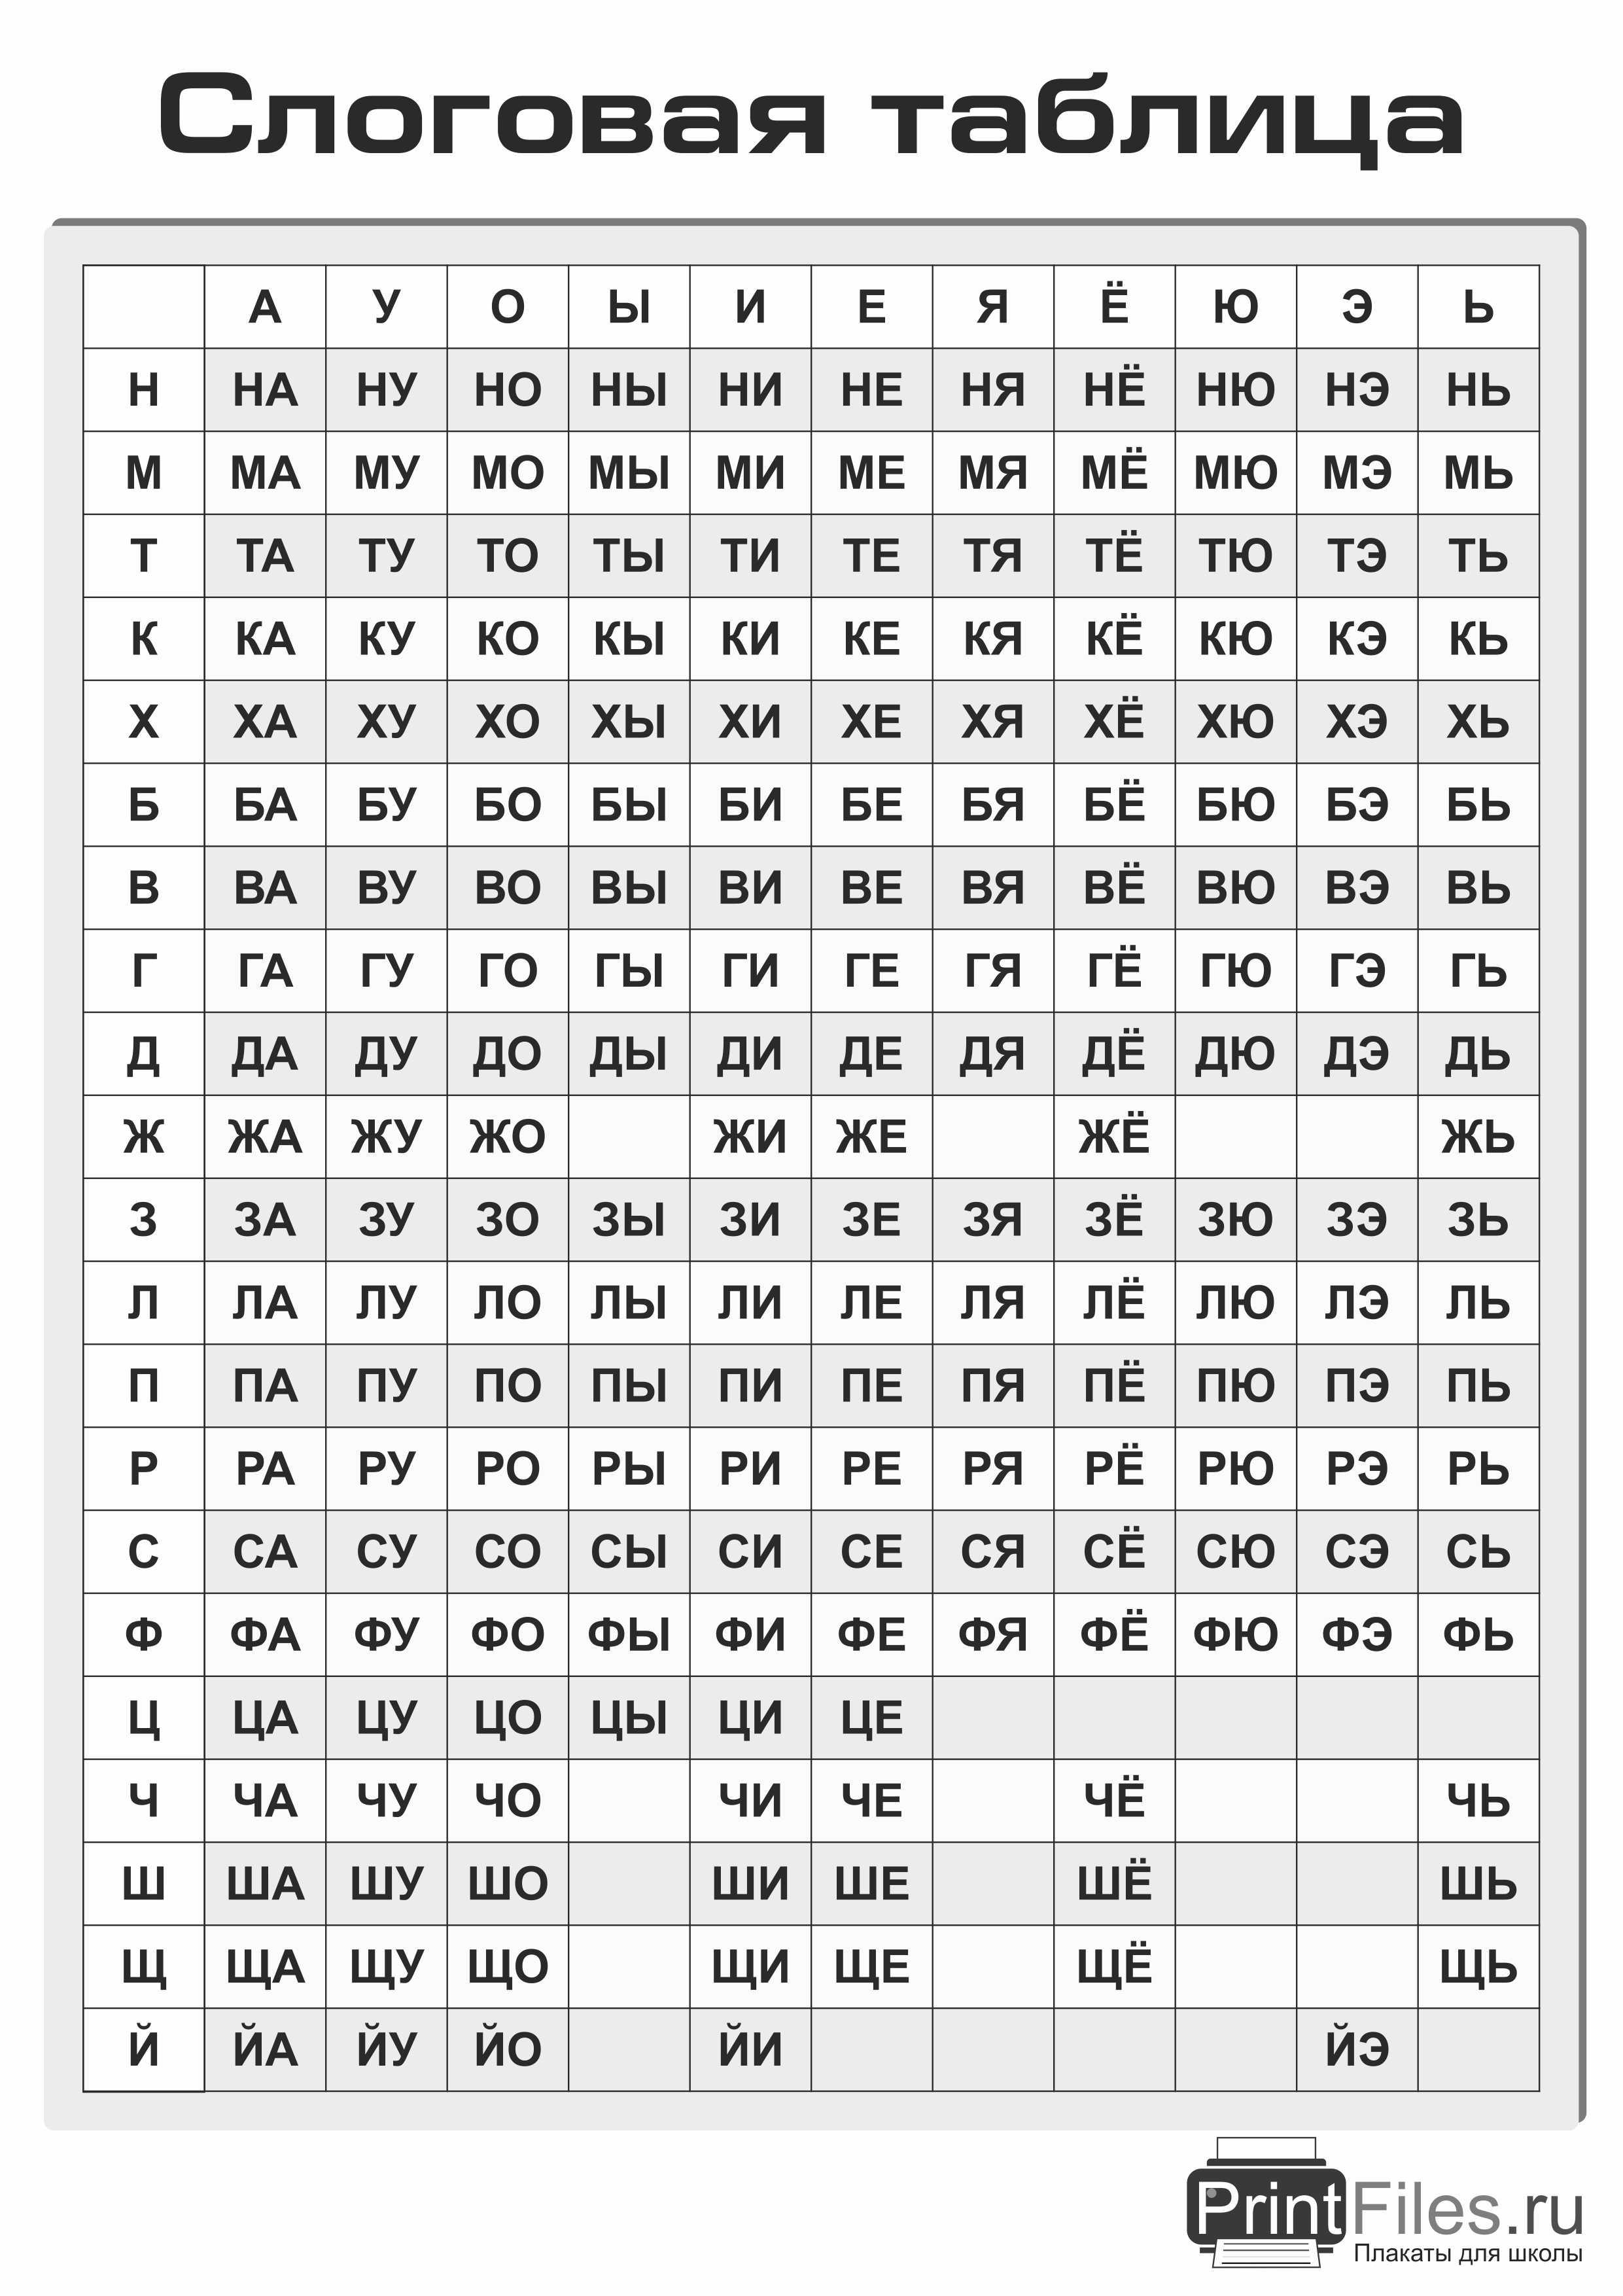 слоговые таблицы для формирования беглого чтения